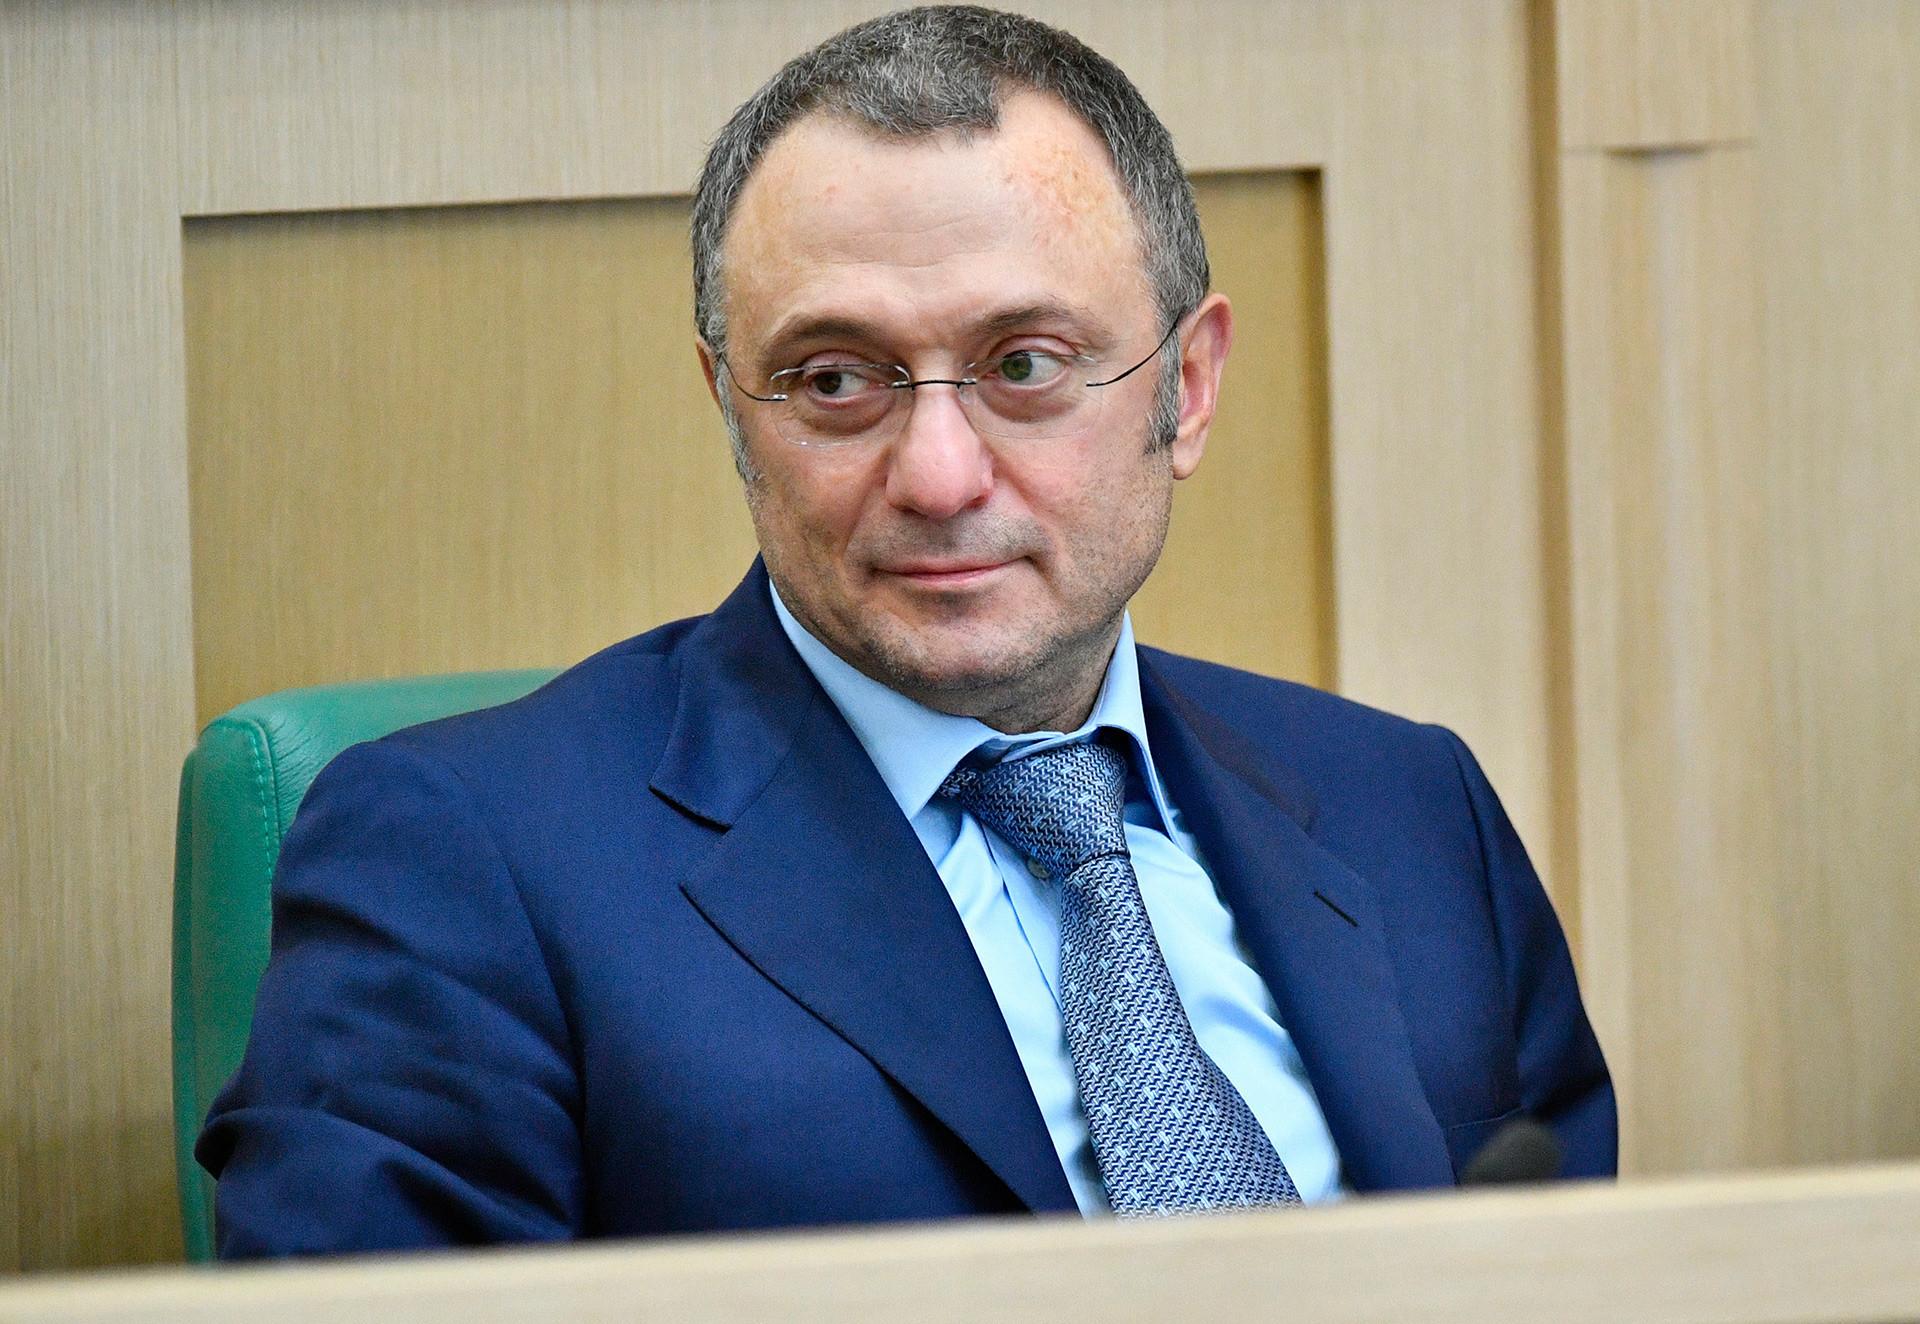 Suleiman Kerimov, o ex-dono do Anjí Makhatchkalá que esteve por trás de contratações esbanjadoras, como as de Willian e de Samuel Eto'o. Ele vendeu o clube em 2016.